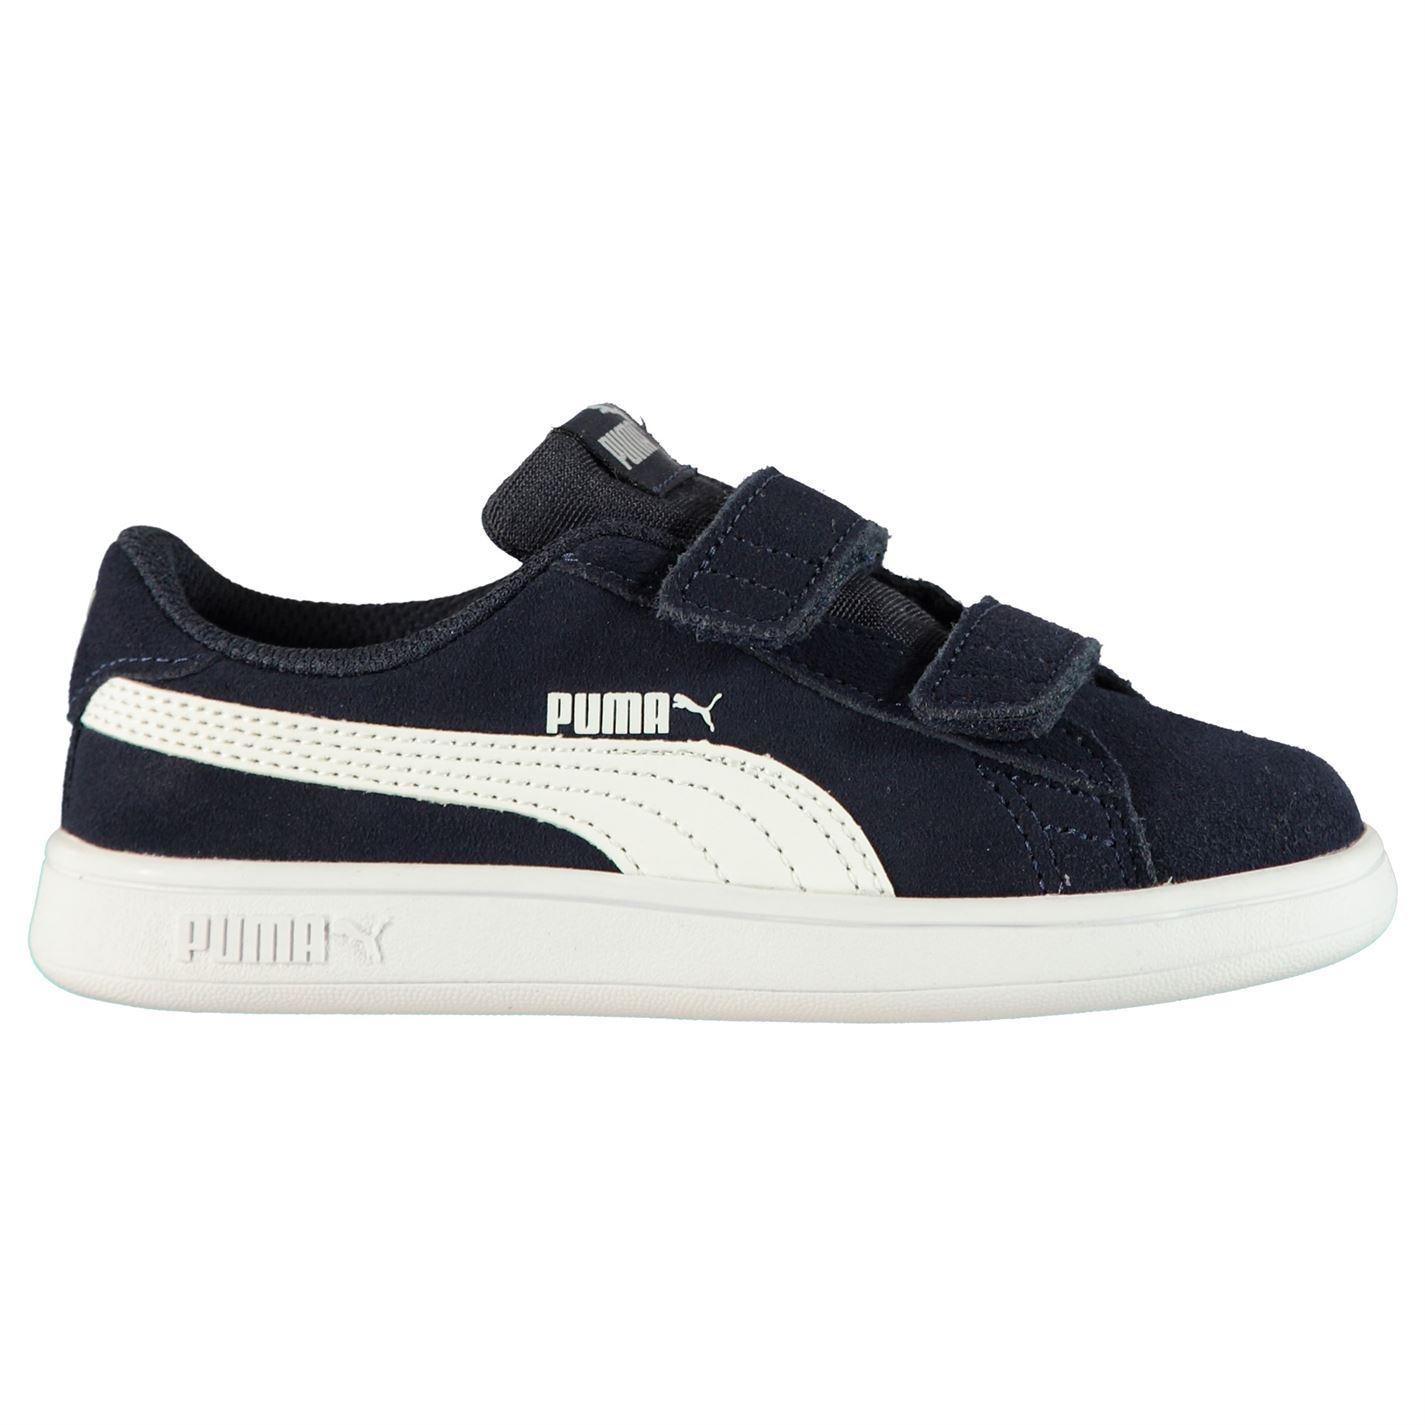 Détails sur Puma Smash Daim Infant Garçons Baskets Décontractées Bleu Marine Chaussures Baskets afficher le titre d'origine